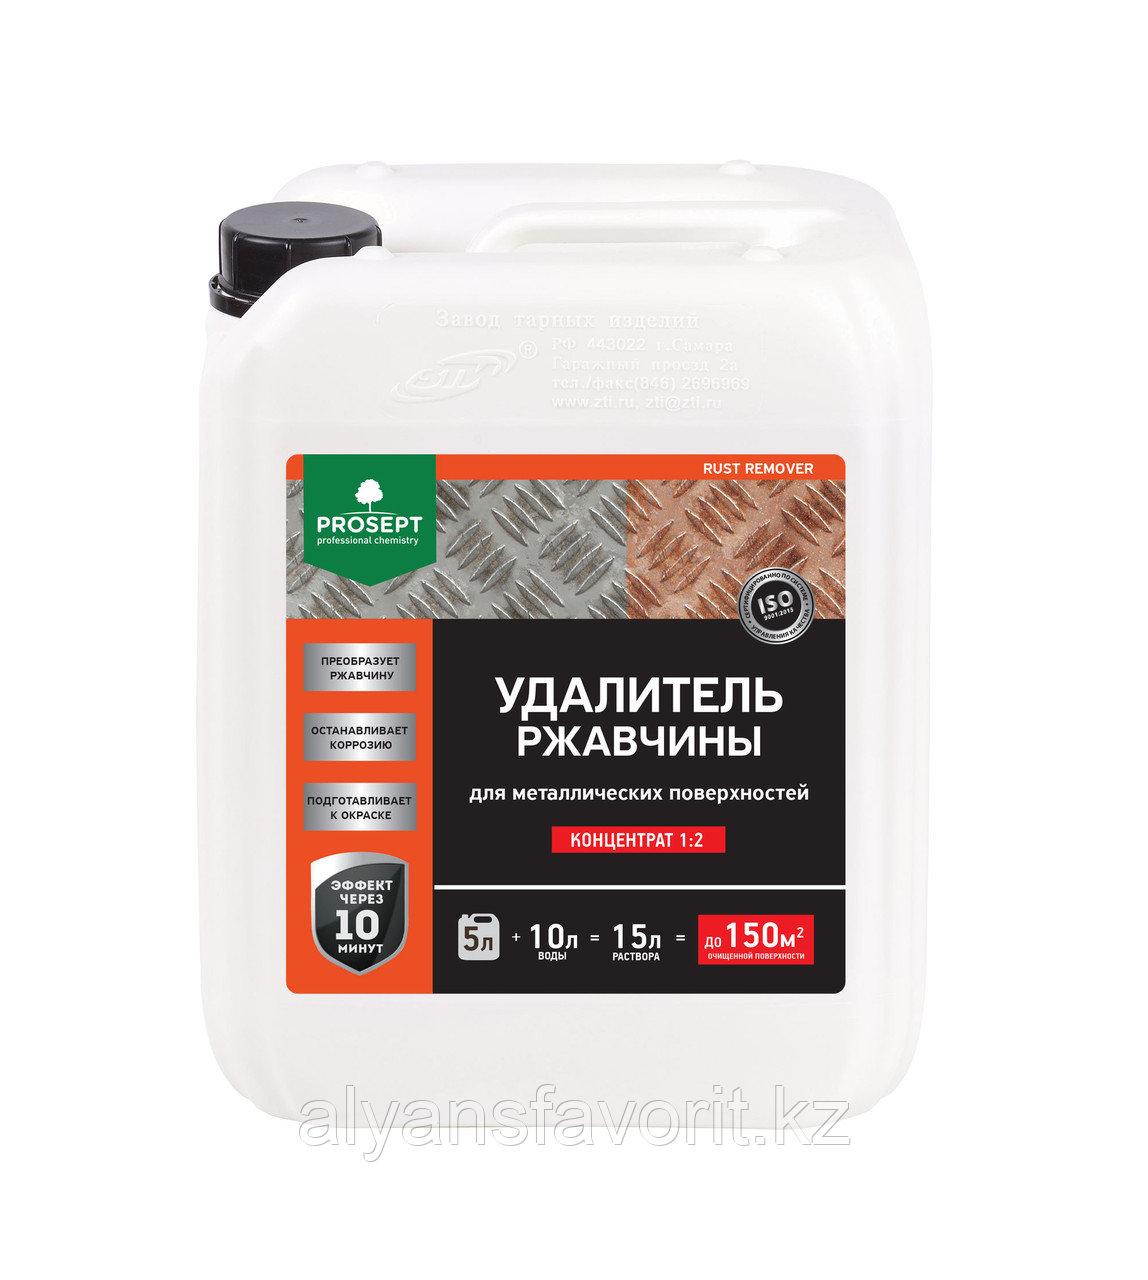 RUST REMOVER - удалитель ржавчины - концентрат. 5 литров.РФ